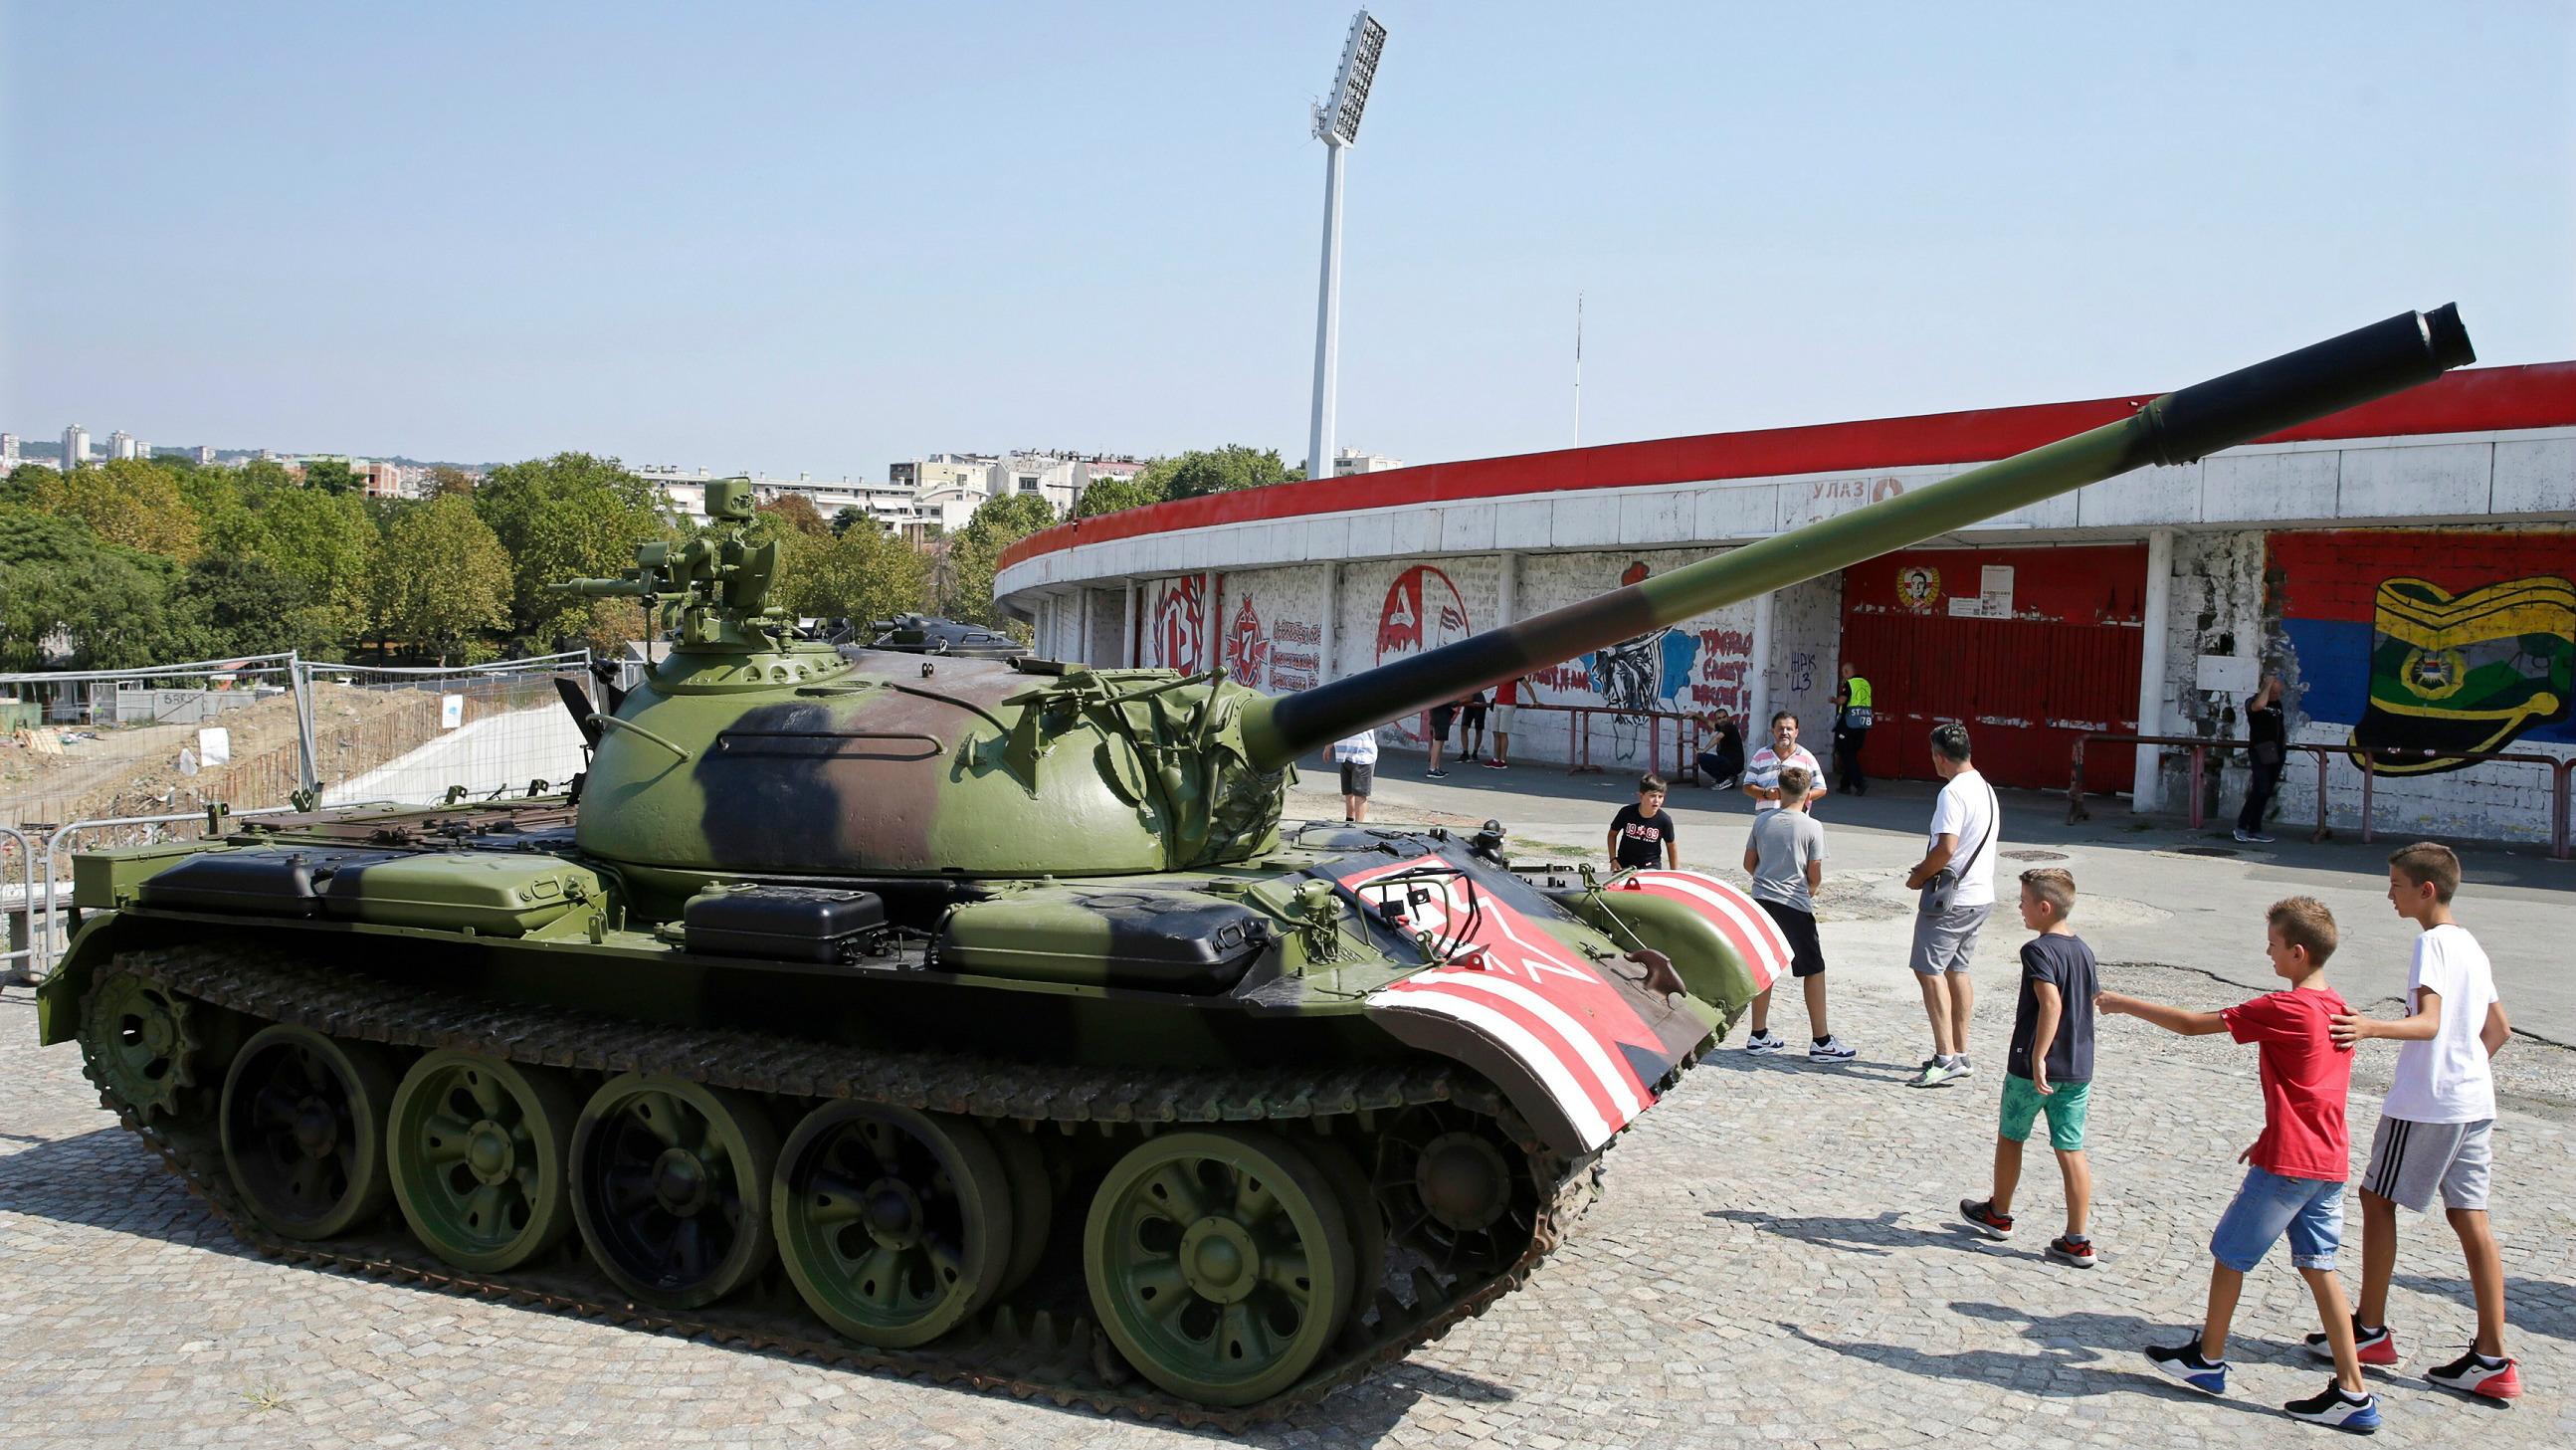 Red Star Belgrade Tank